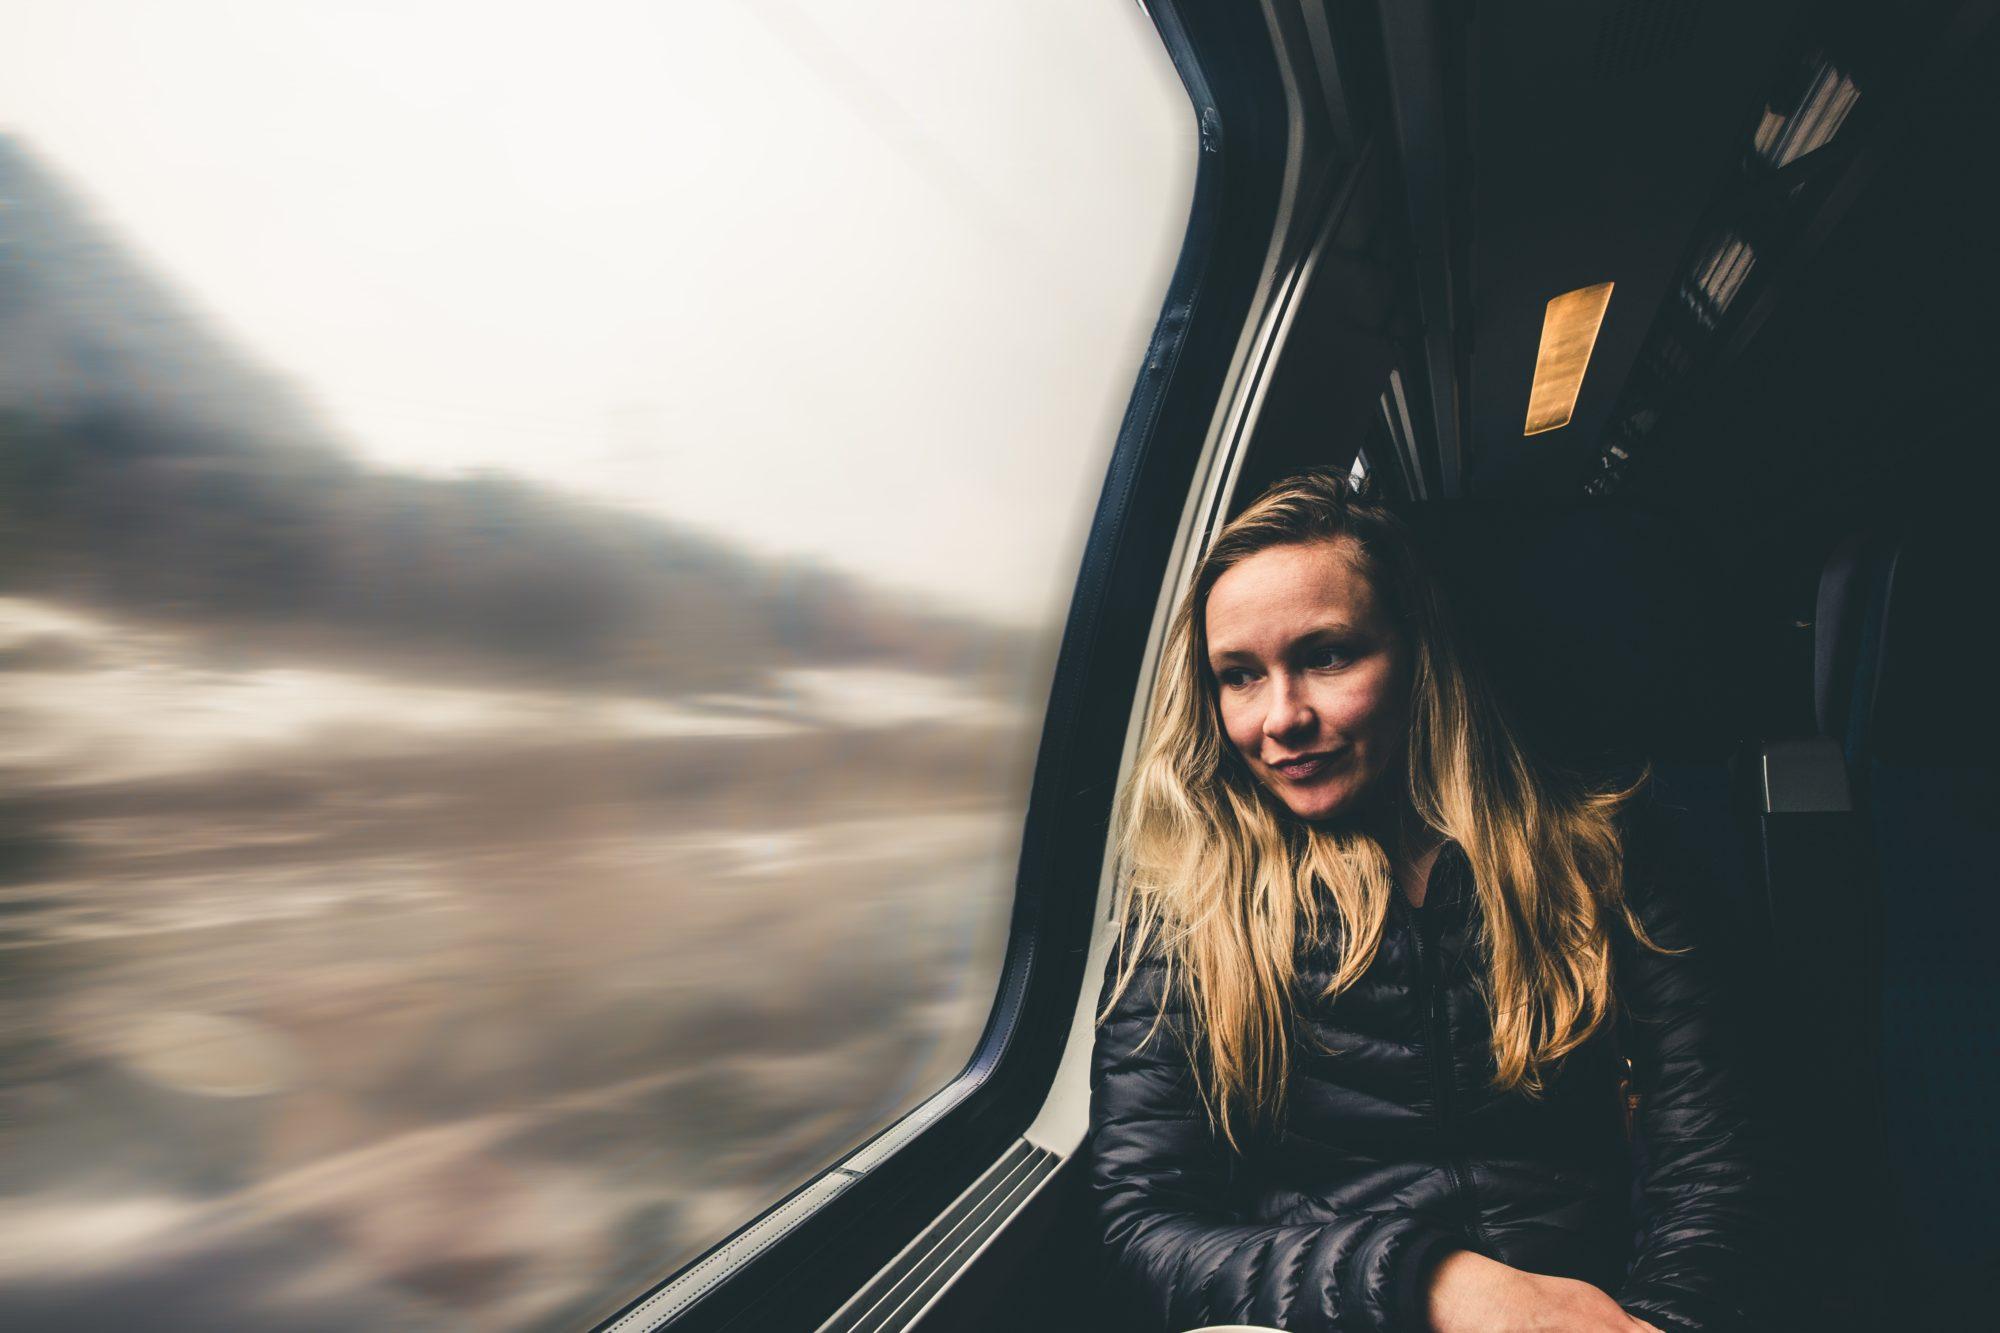 eine Frau, die aus einem Zugfenster blickt und eine verschwommene Landschaft